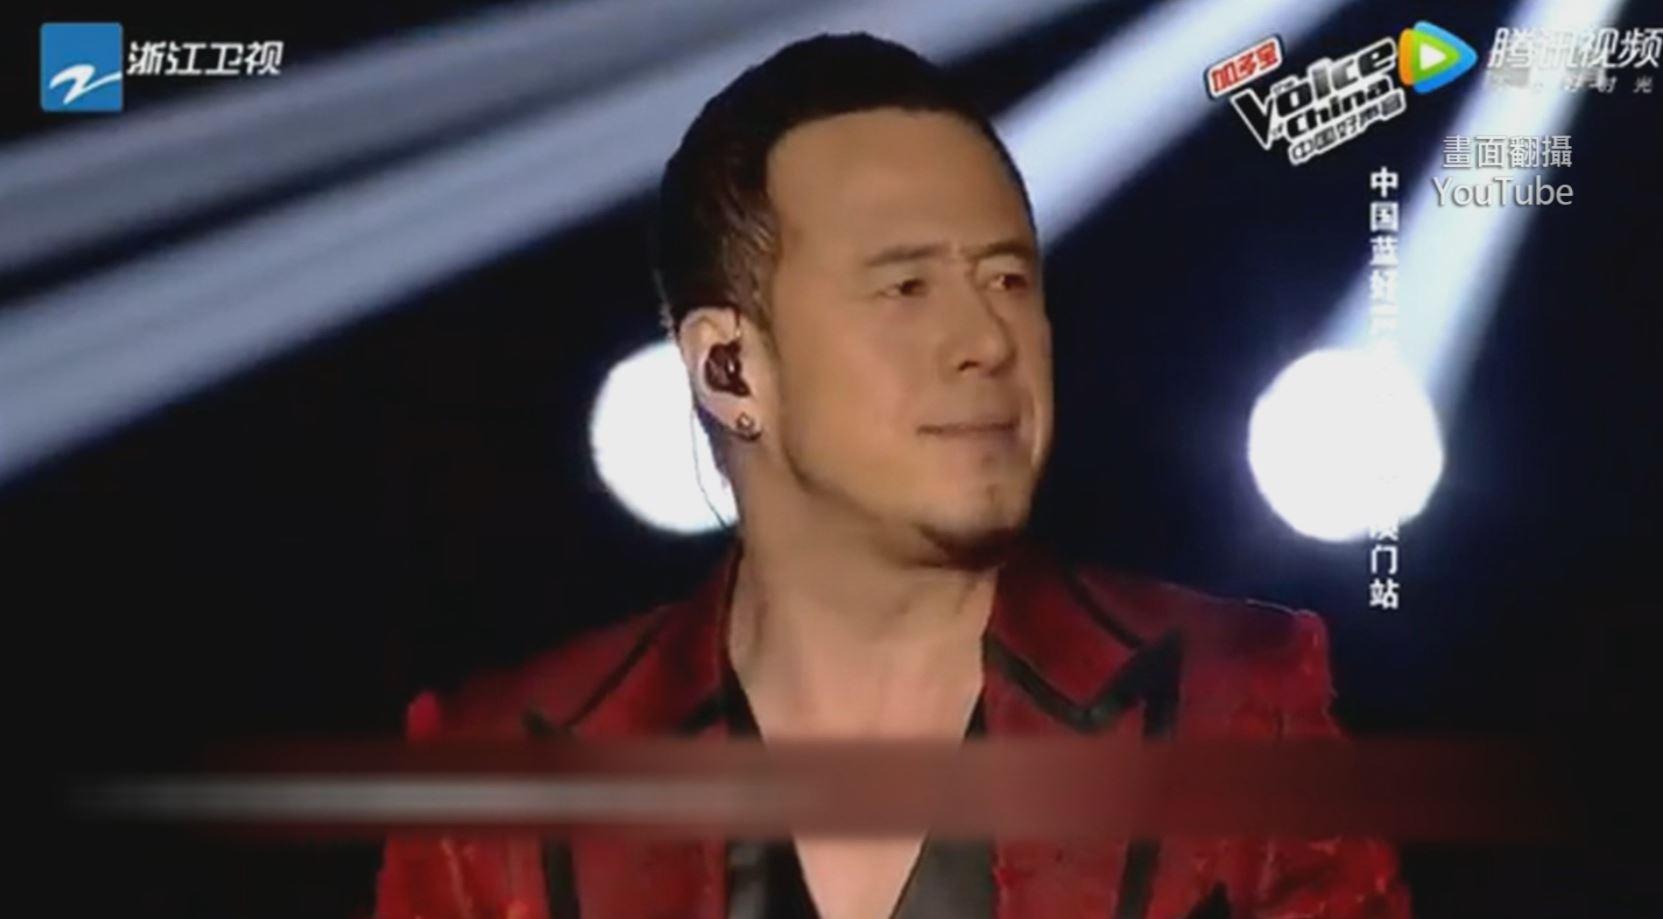 批華仔靠演技加持「非真歌手」! 歌手楊坤商演遭「出征」超尷尬